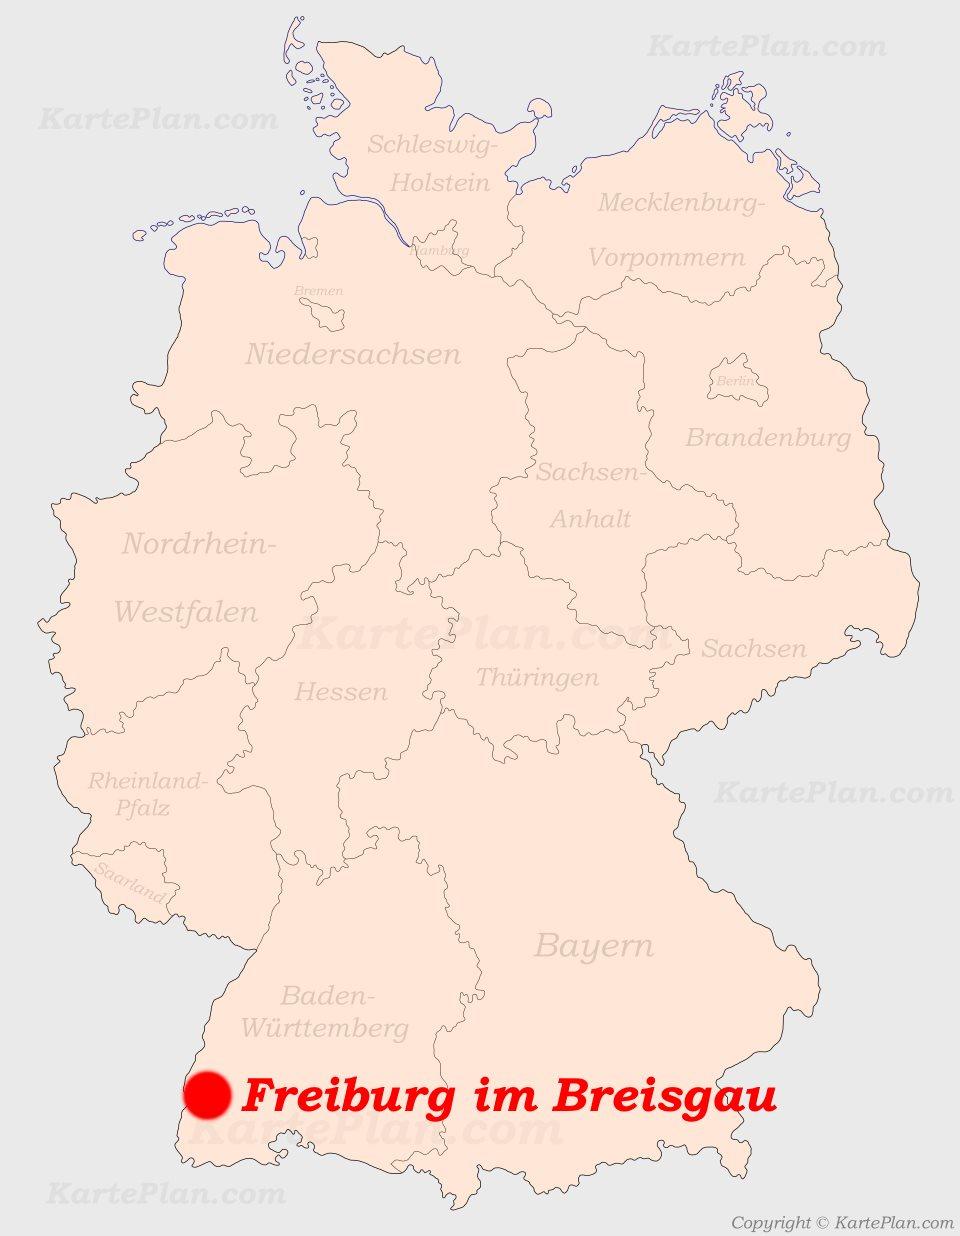 freiburg karte deutschland Freiburg im Breisgau auf der Deutschlandkarte